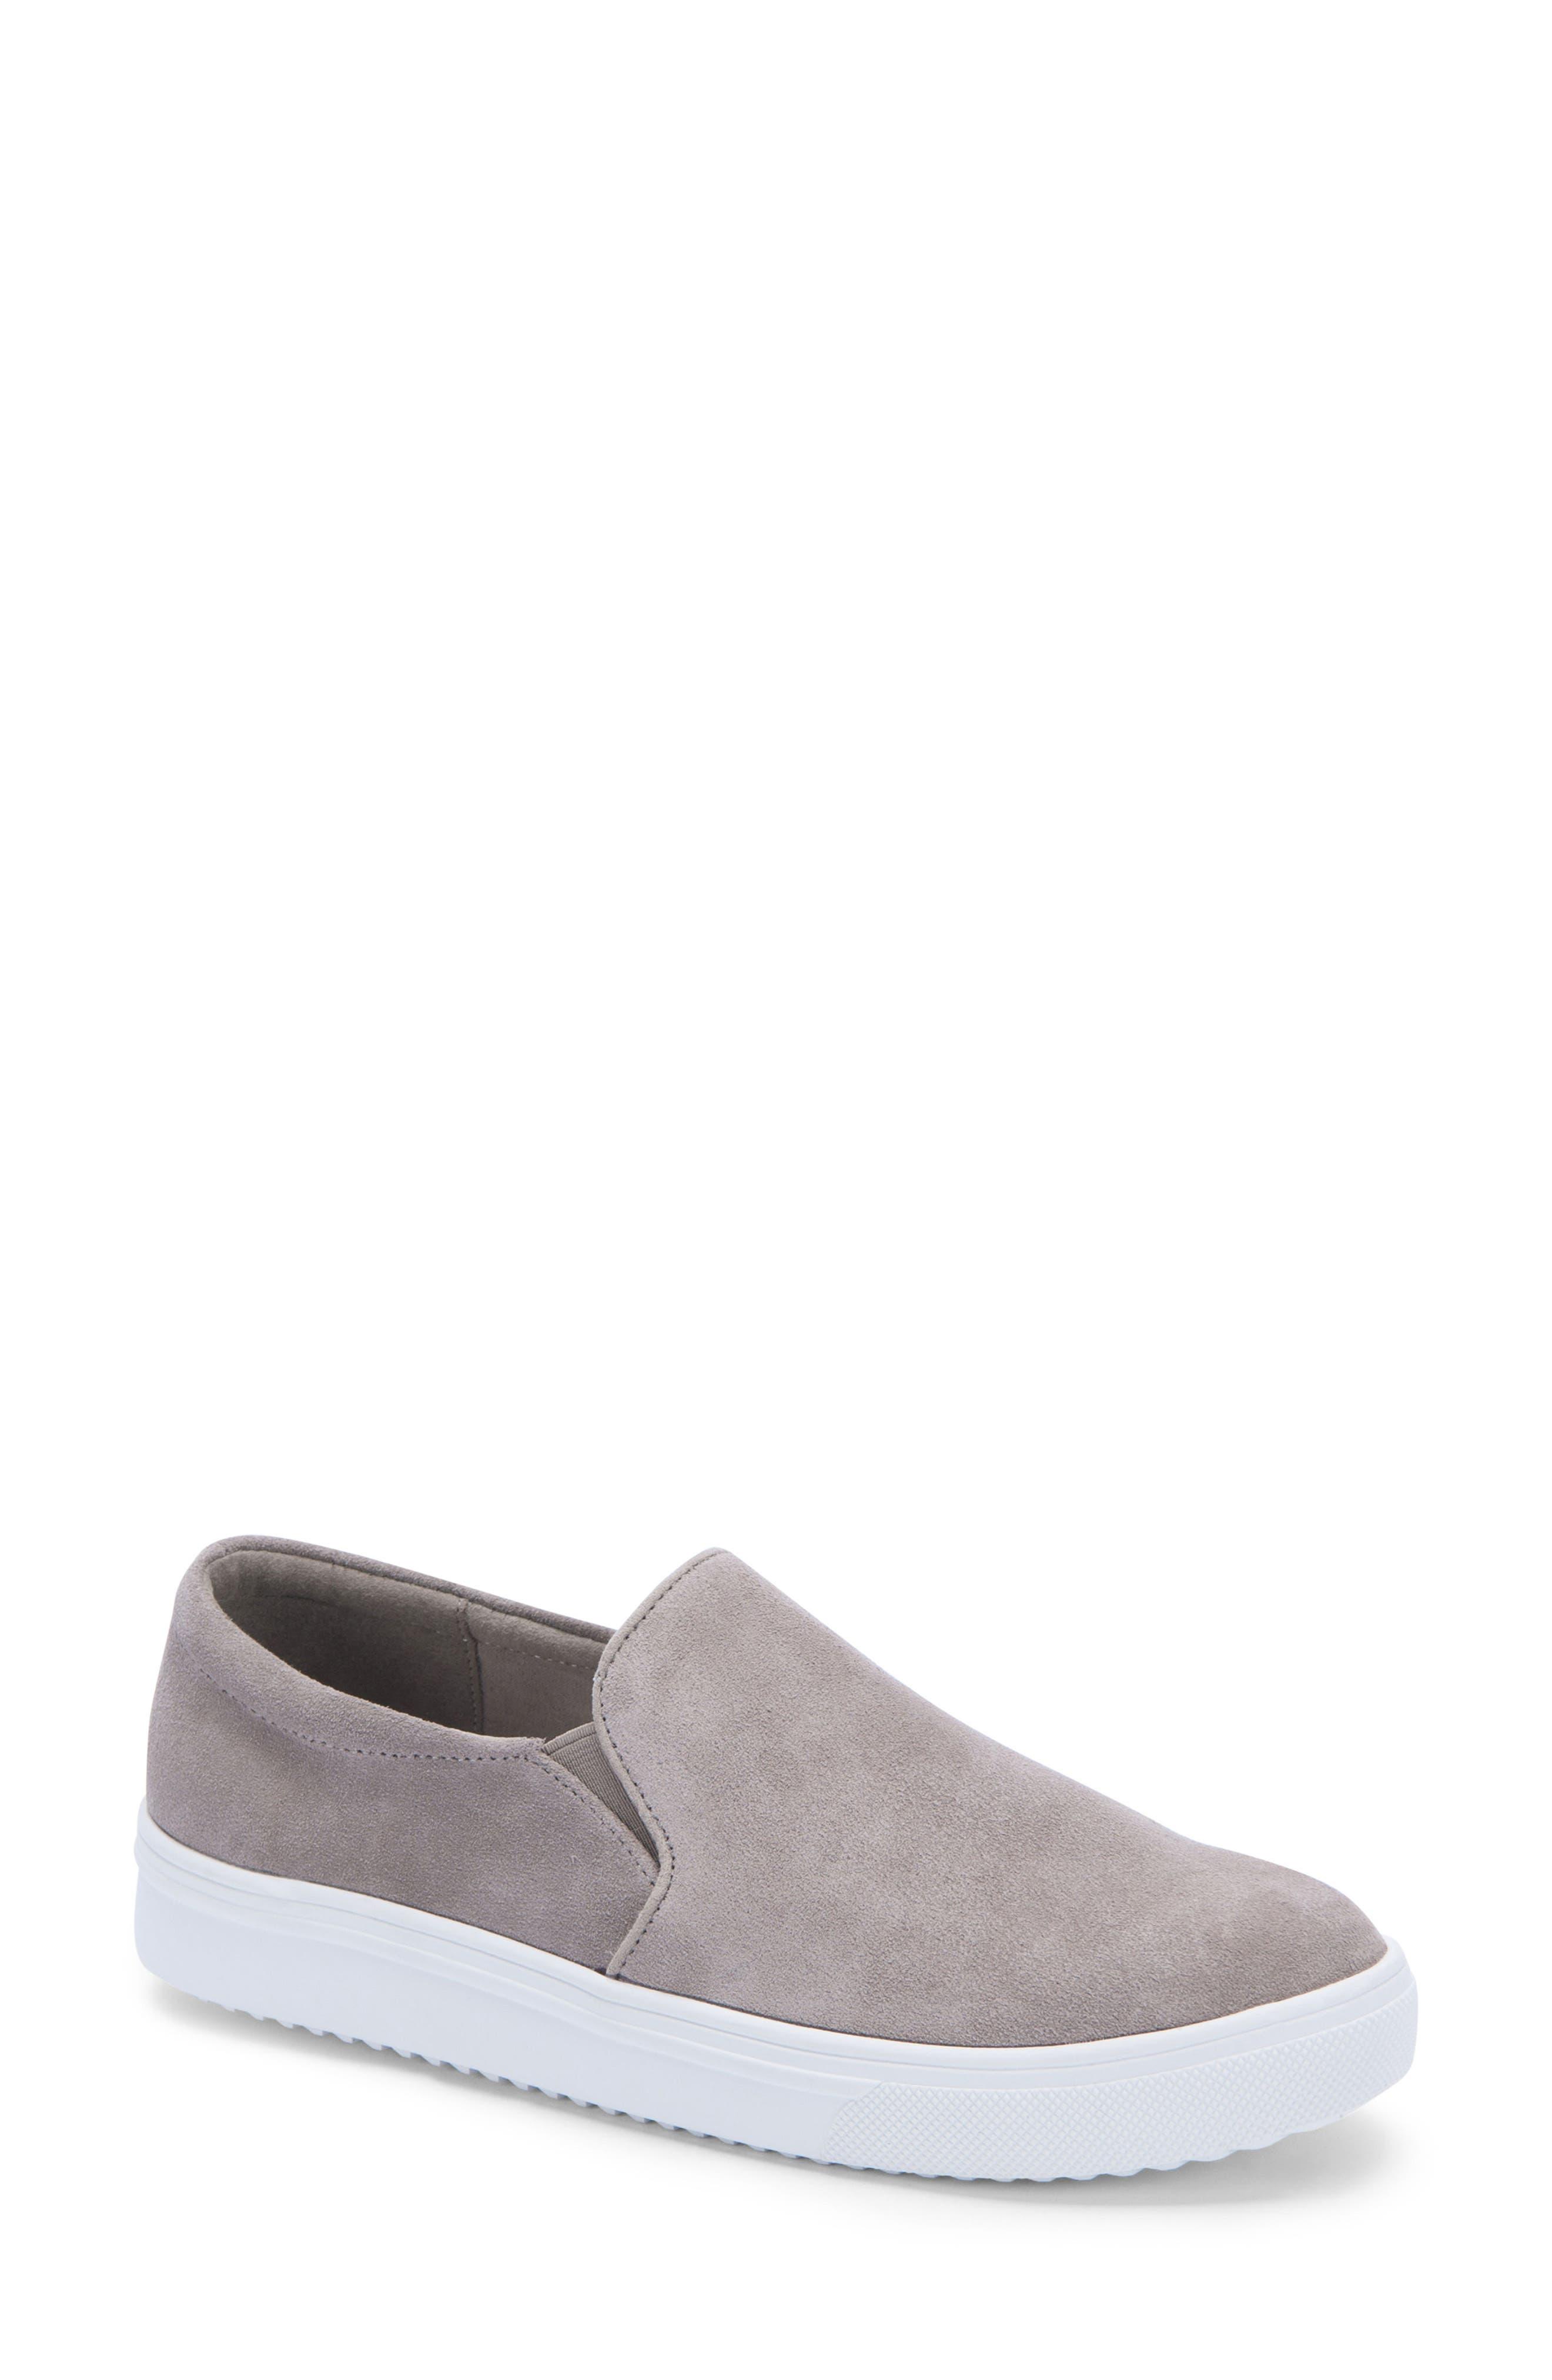 Blondo Gracie Waterproof Slip-On Sneaker (Women)